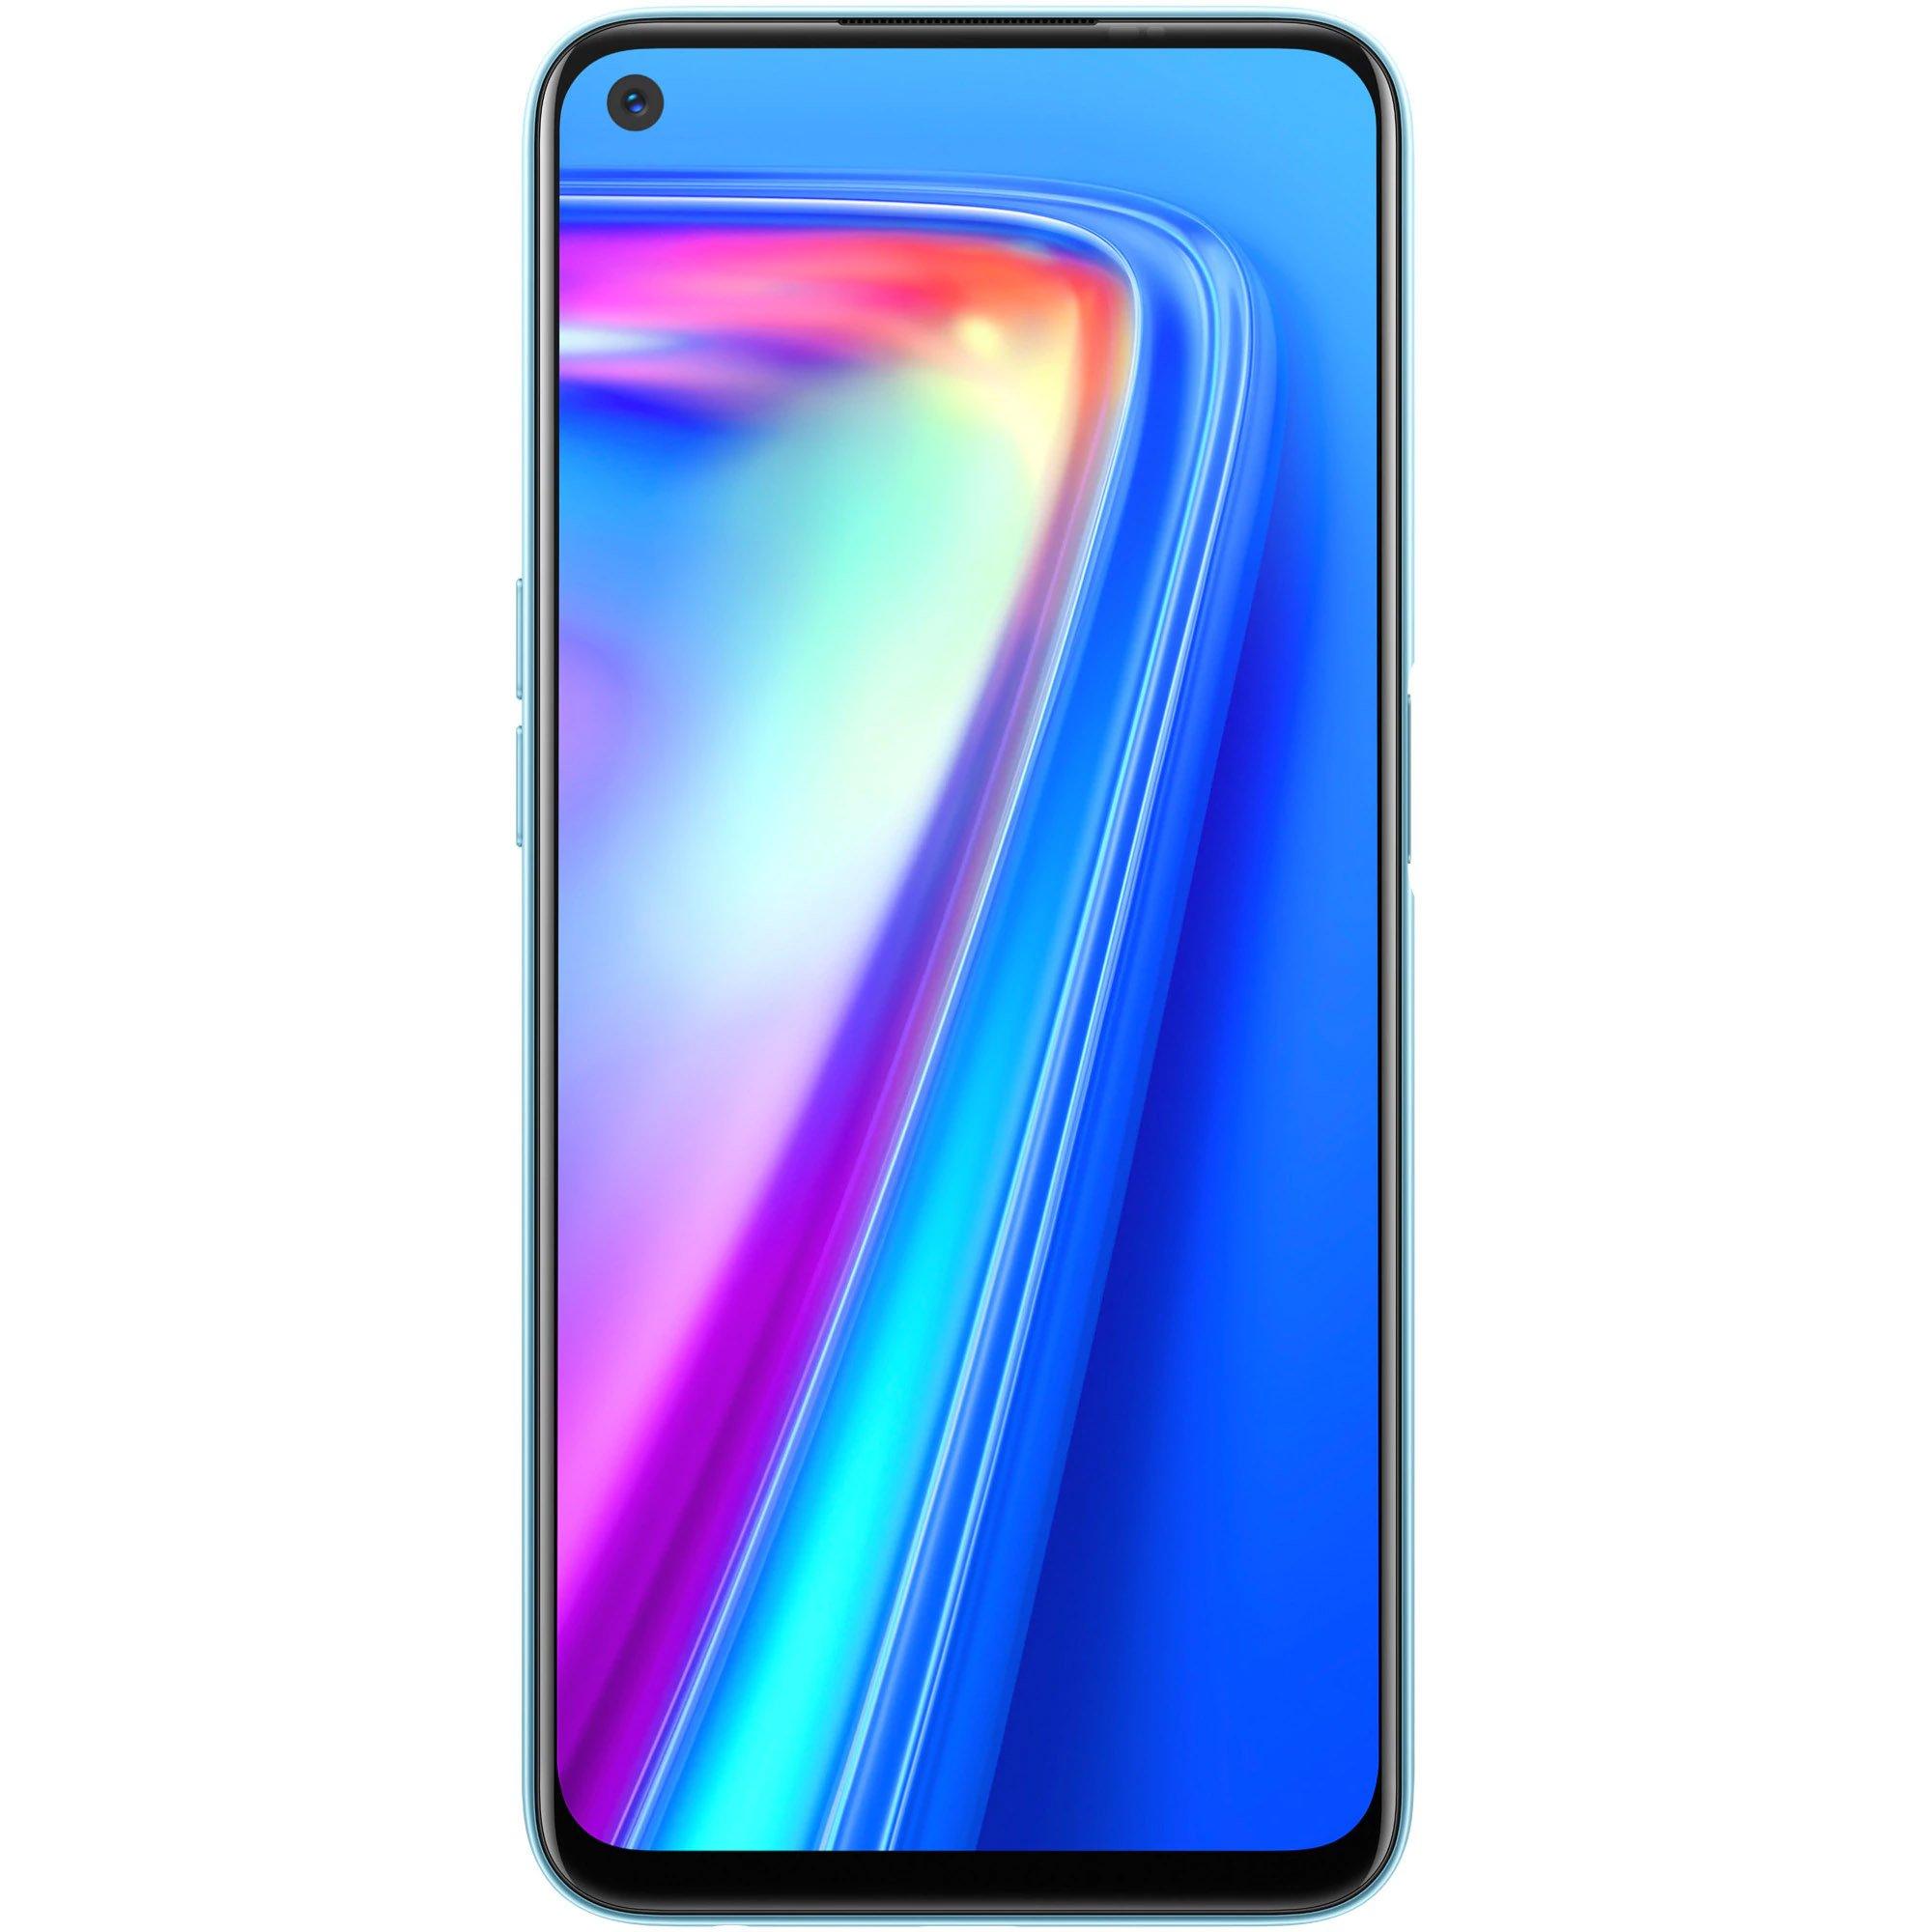 Telefon mobil Realme 7, Dual SIM, 64GB, 6GB RAM, 4G, Mist White